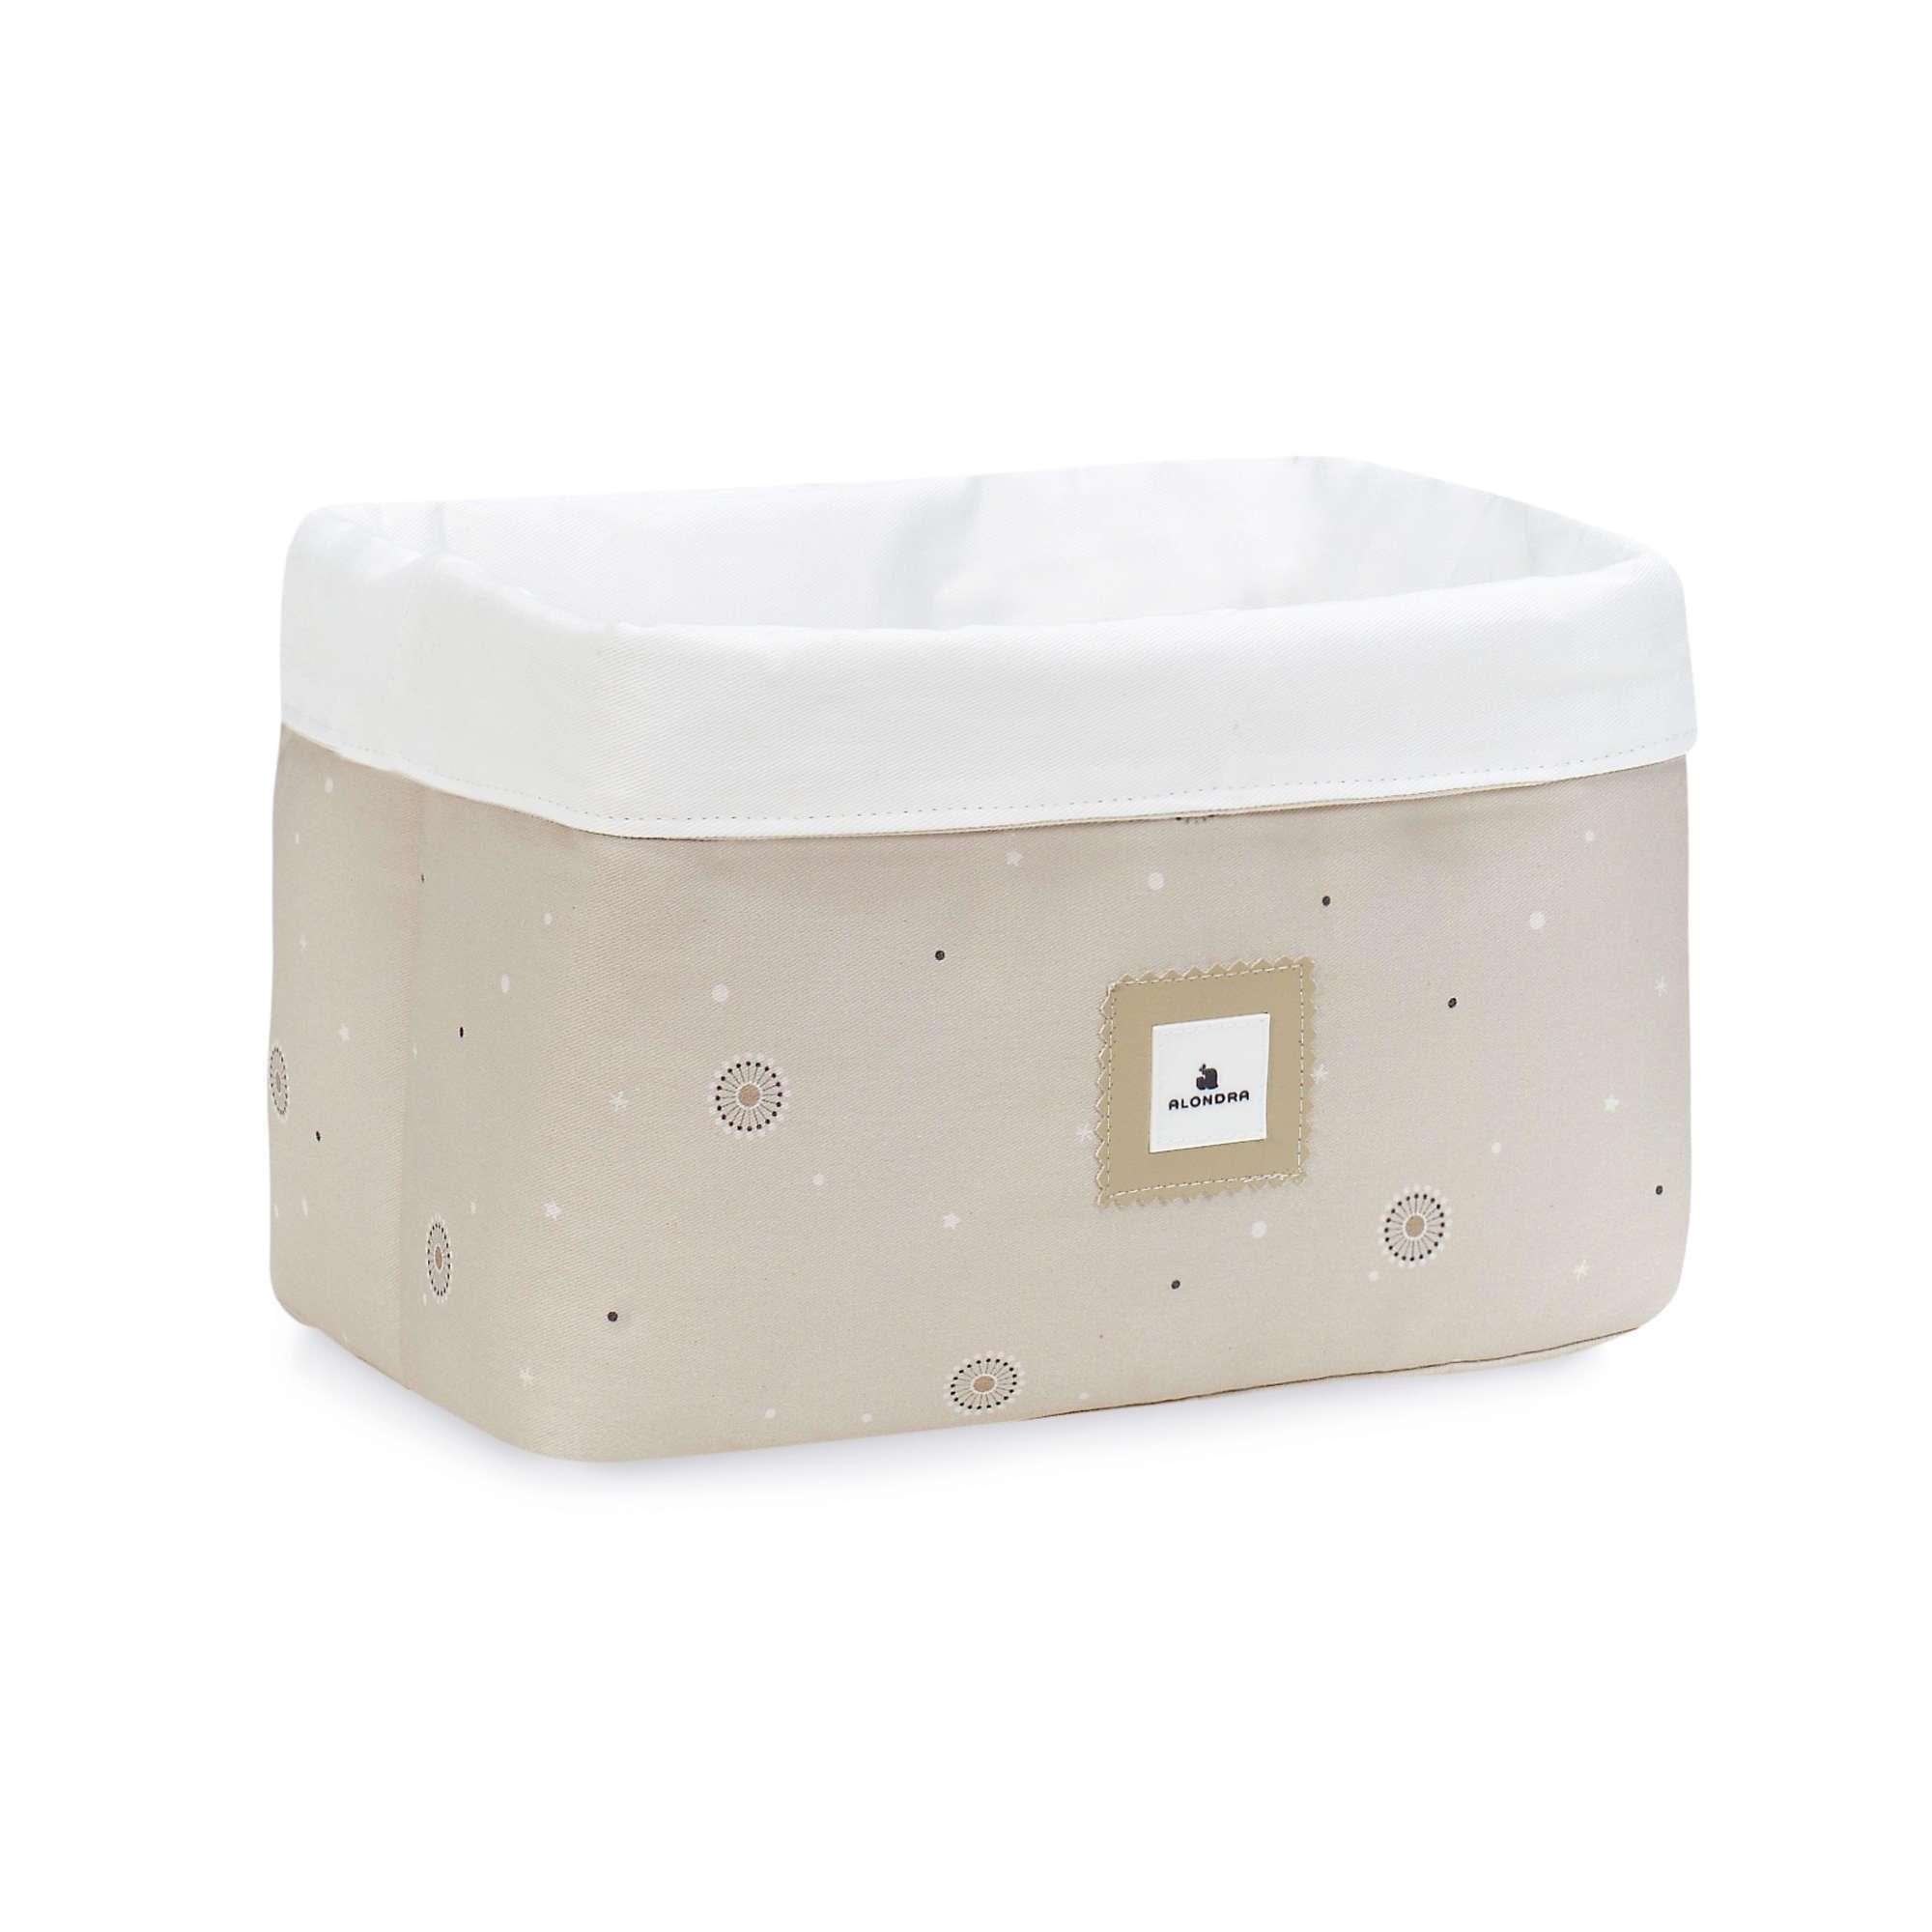 Cesta almacenaje de colonias para bebé en color beige